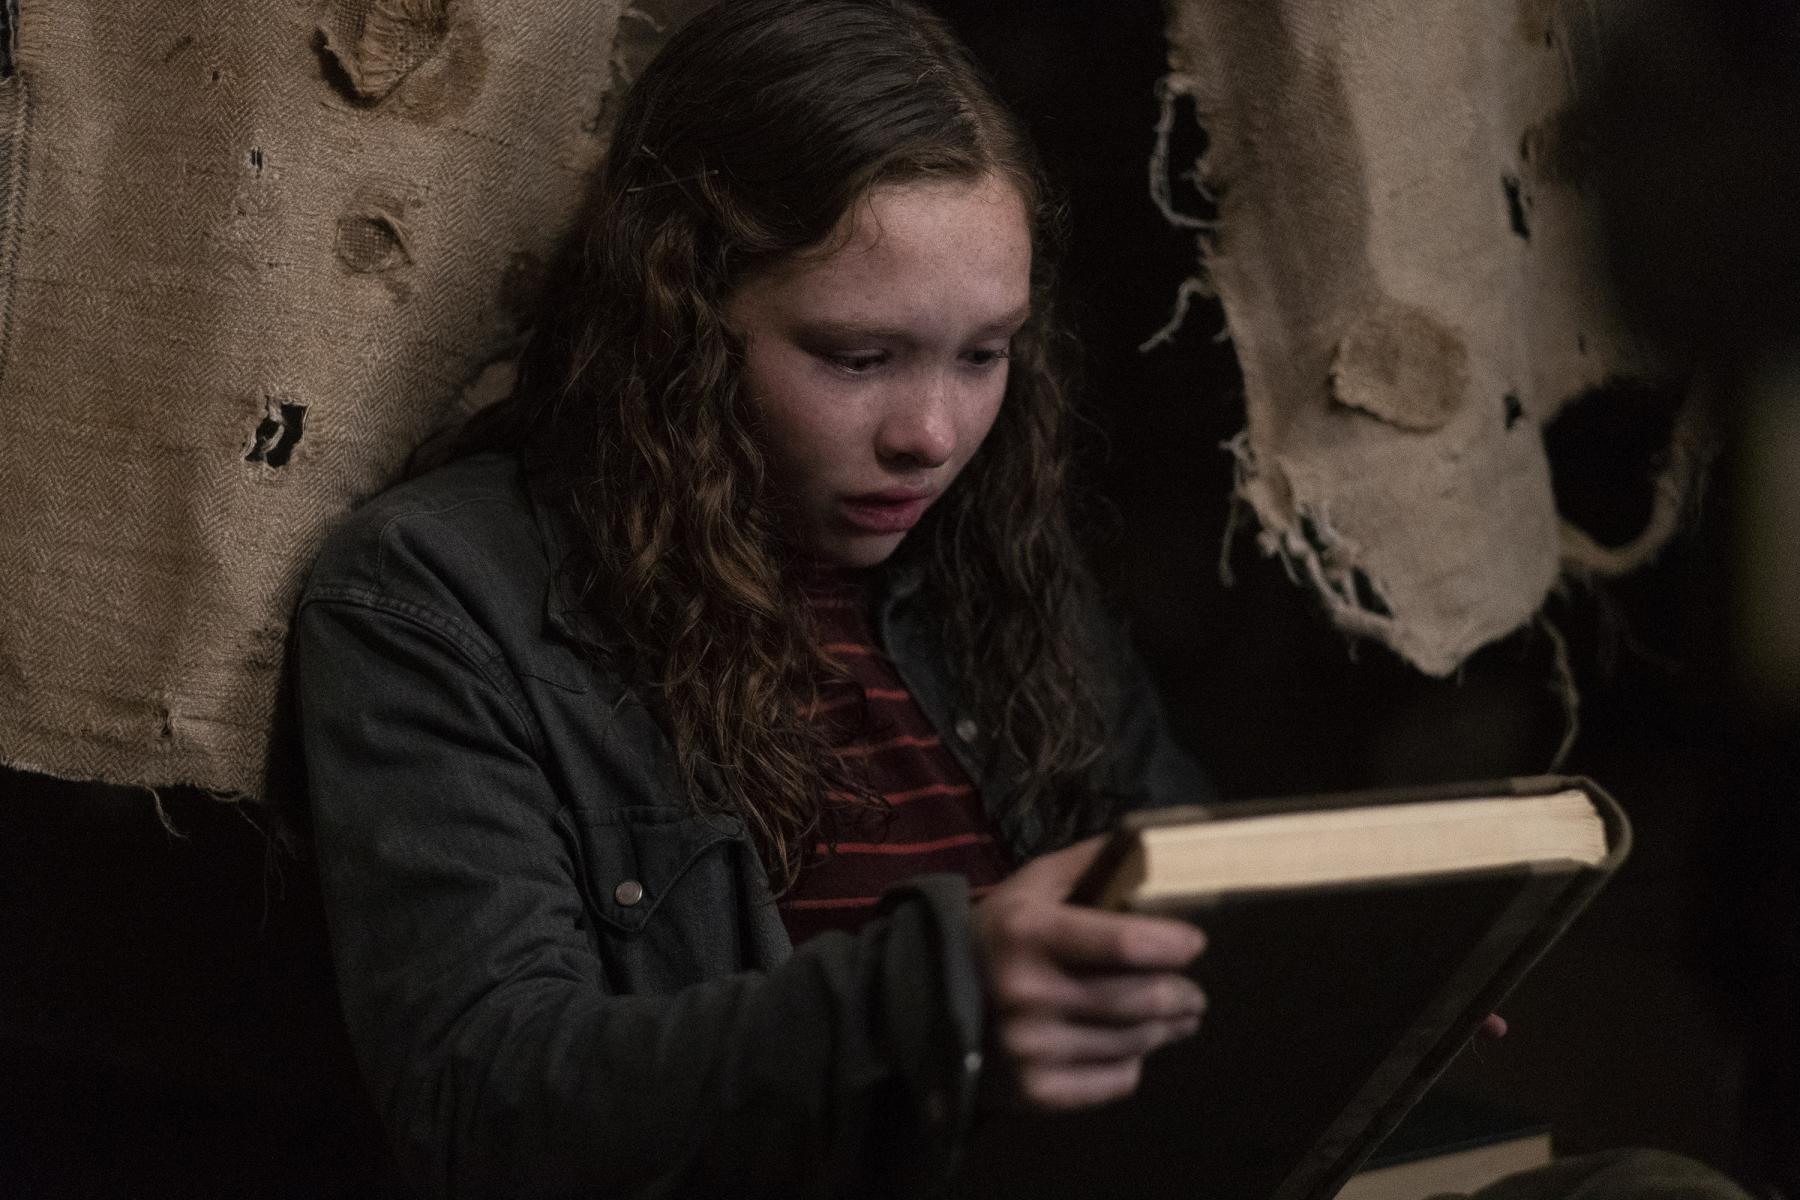 Historias De Miedo Para Contar En La Oscuridad 2019 Filmaffinity